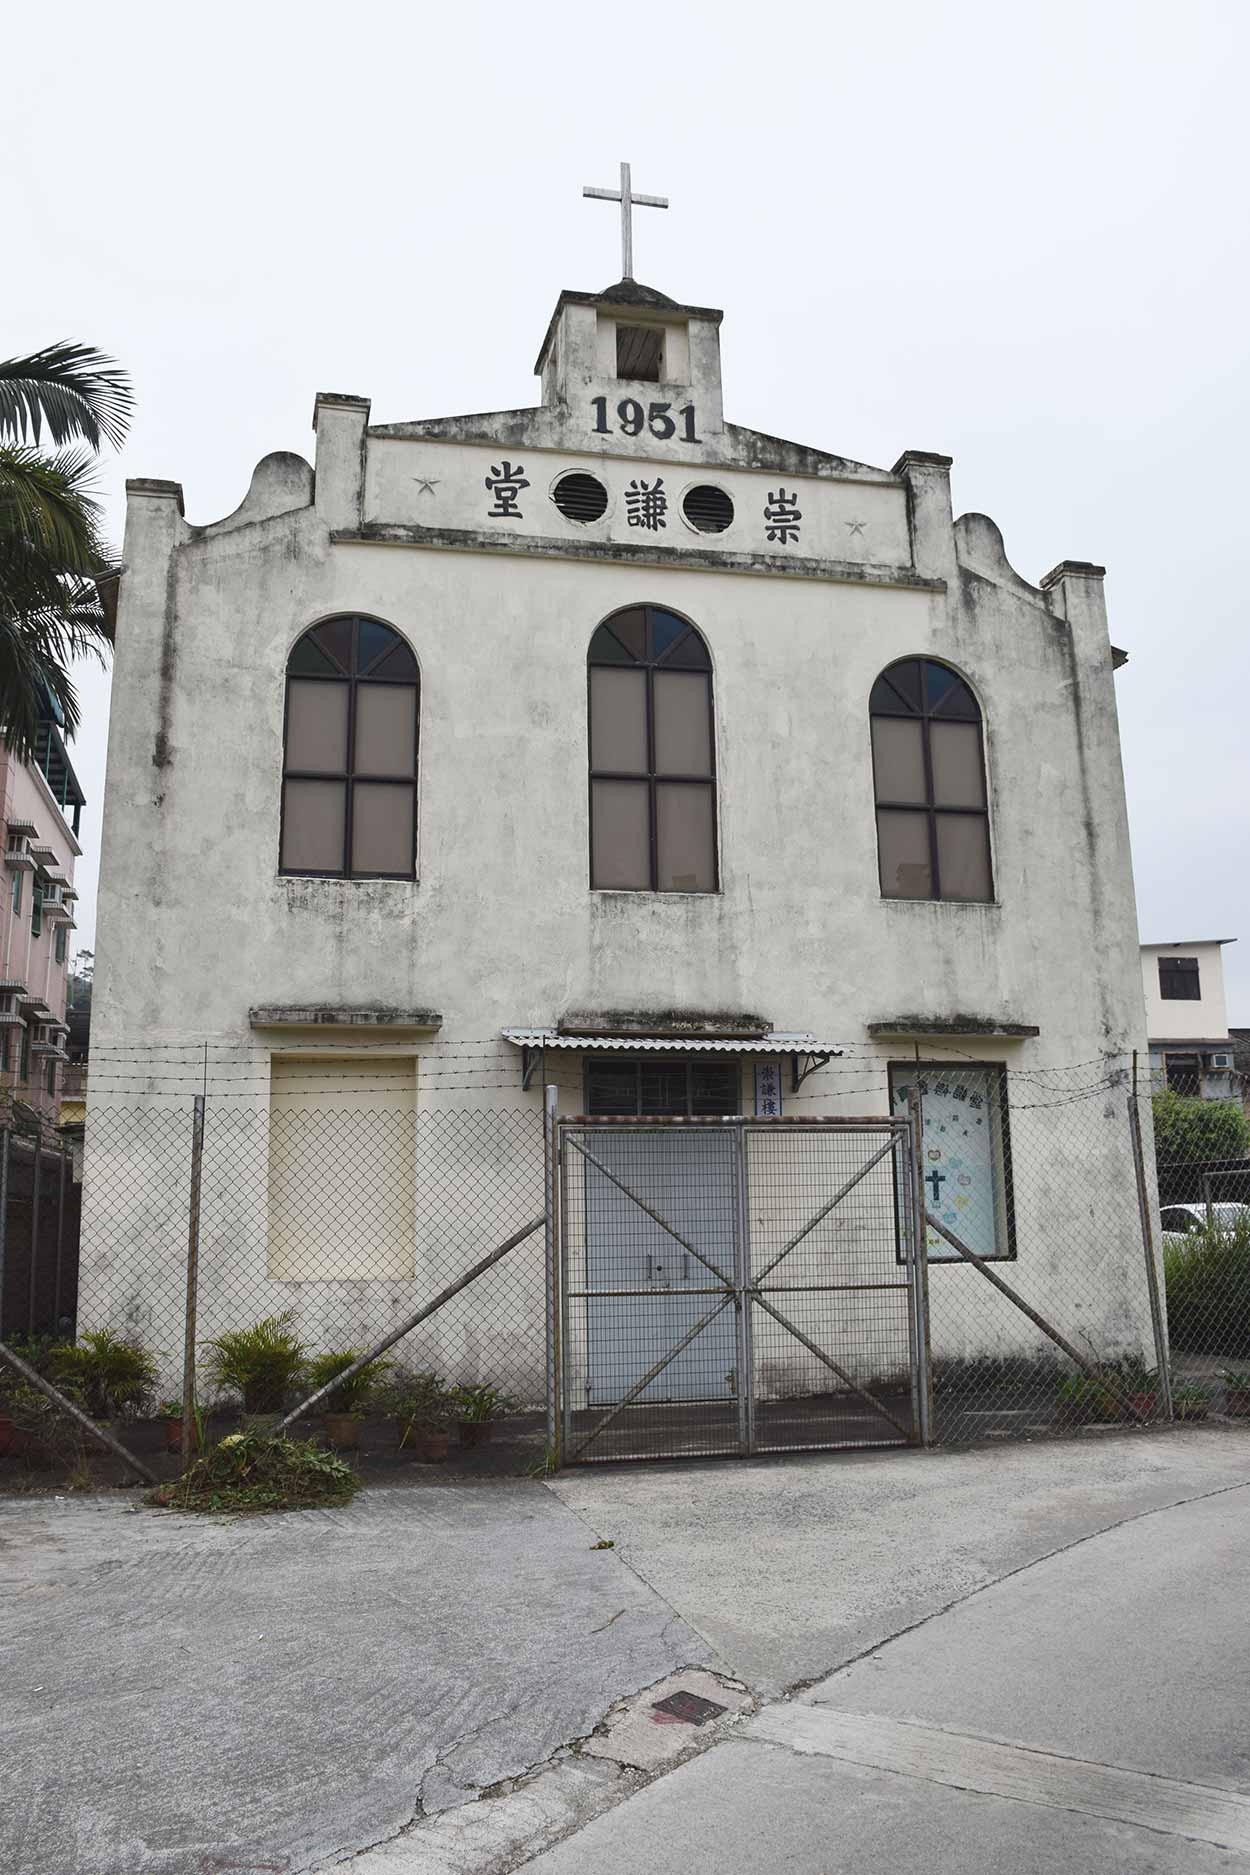 The old Tsung Kyam Church, Lung Yeuk Tau Heritage Trail, Hong Kong, China